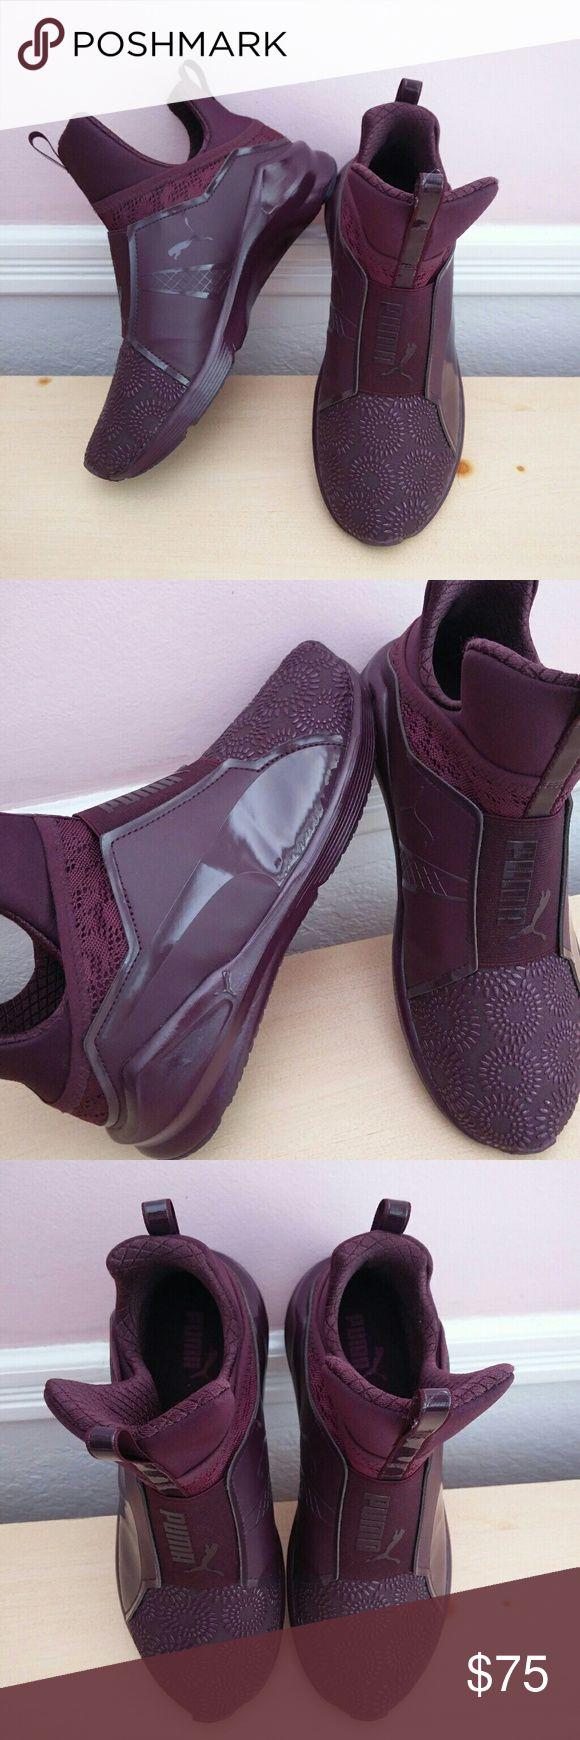 NEW Puma Women's Fierce Kurim Trainer Sneakers 8.5 NEW